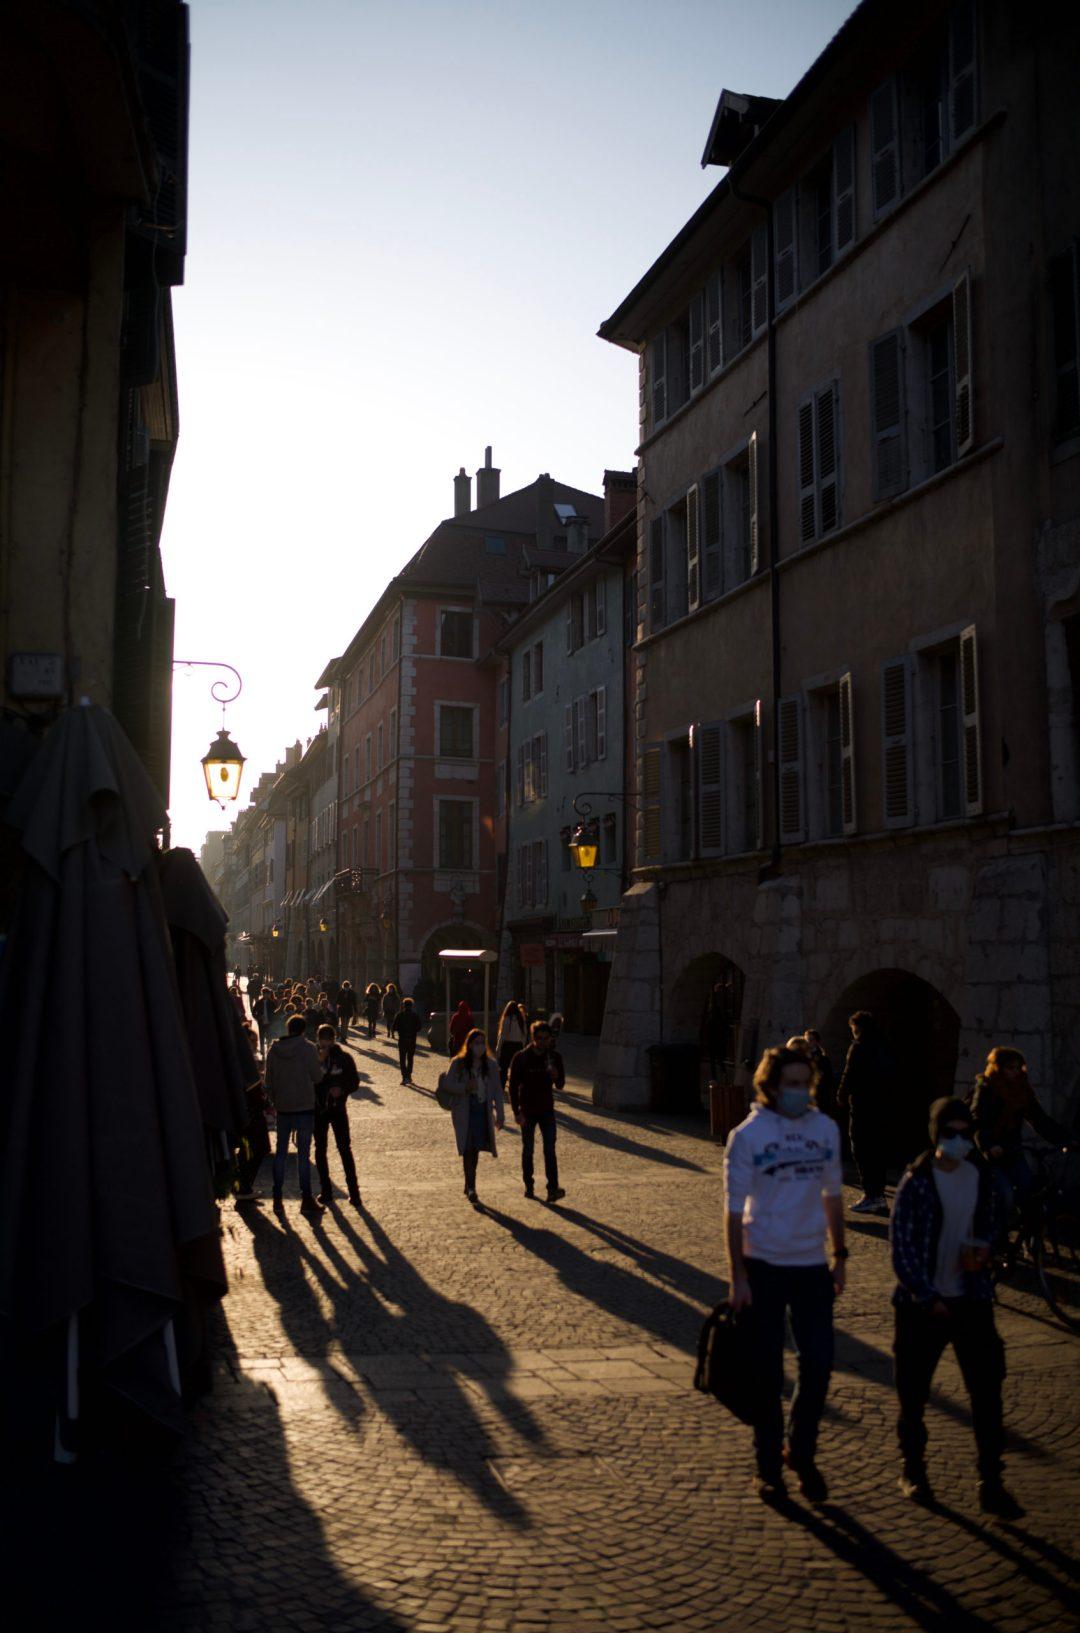 Les rues d'Annecy, les passants, au début du printemps